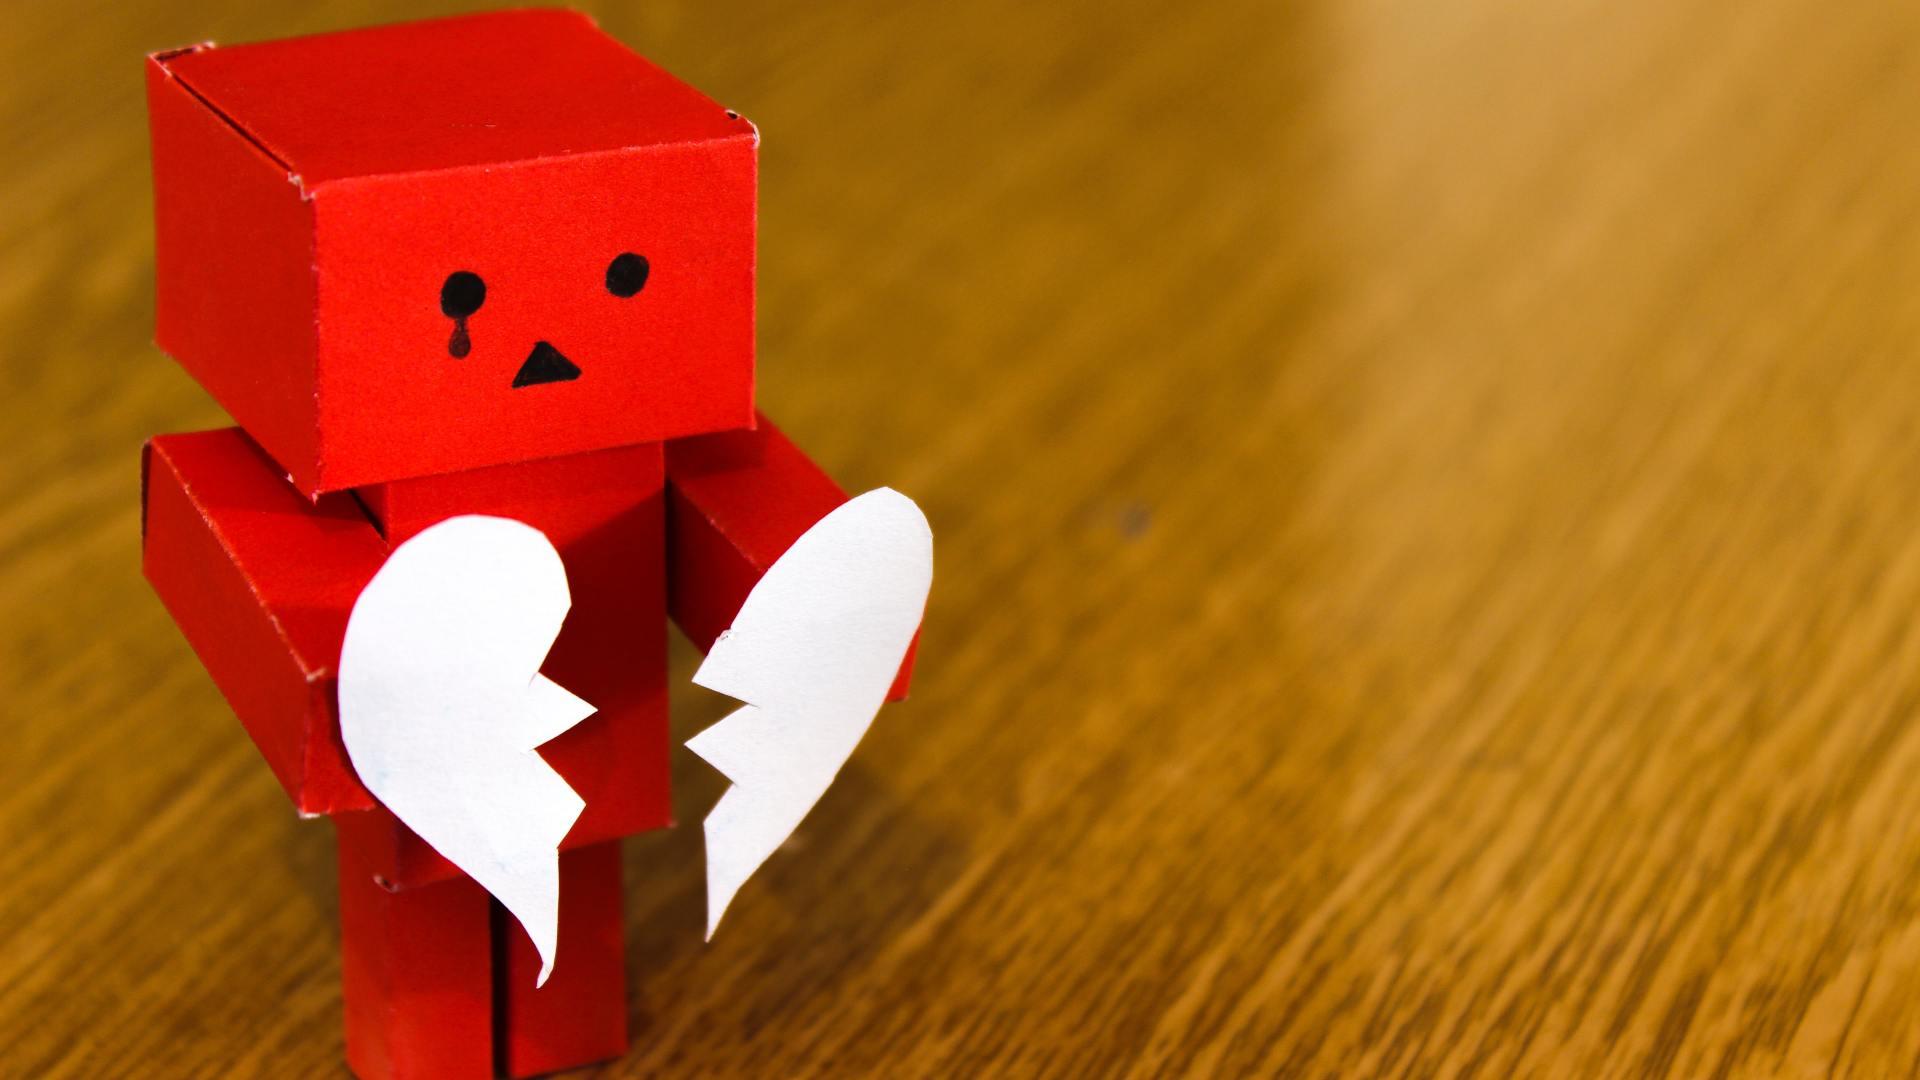 A depiction of a broken heart